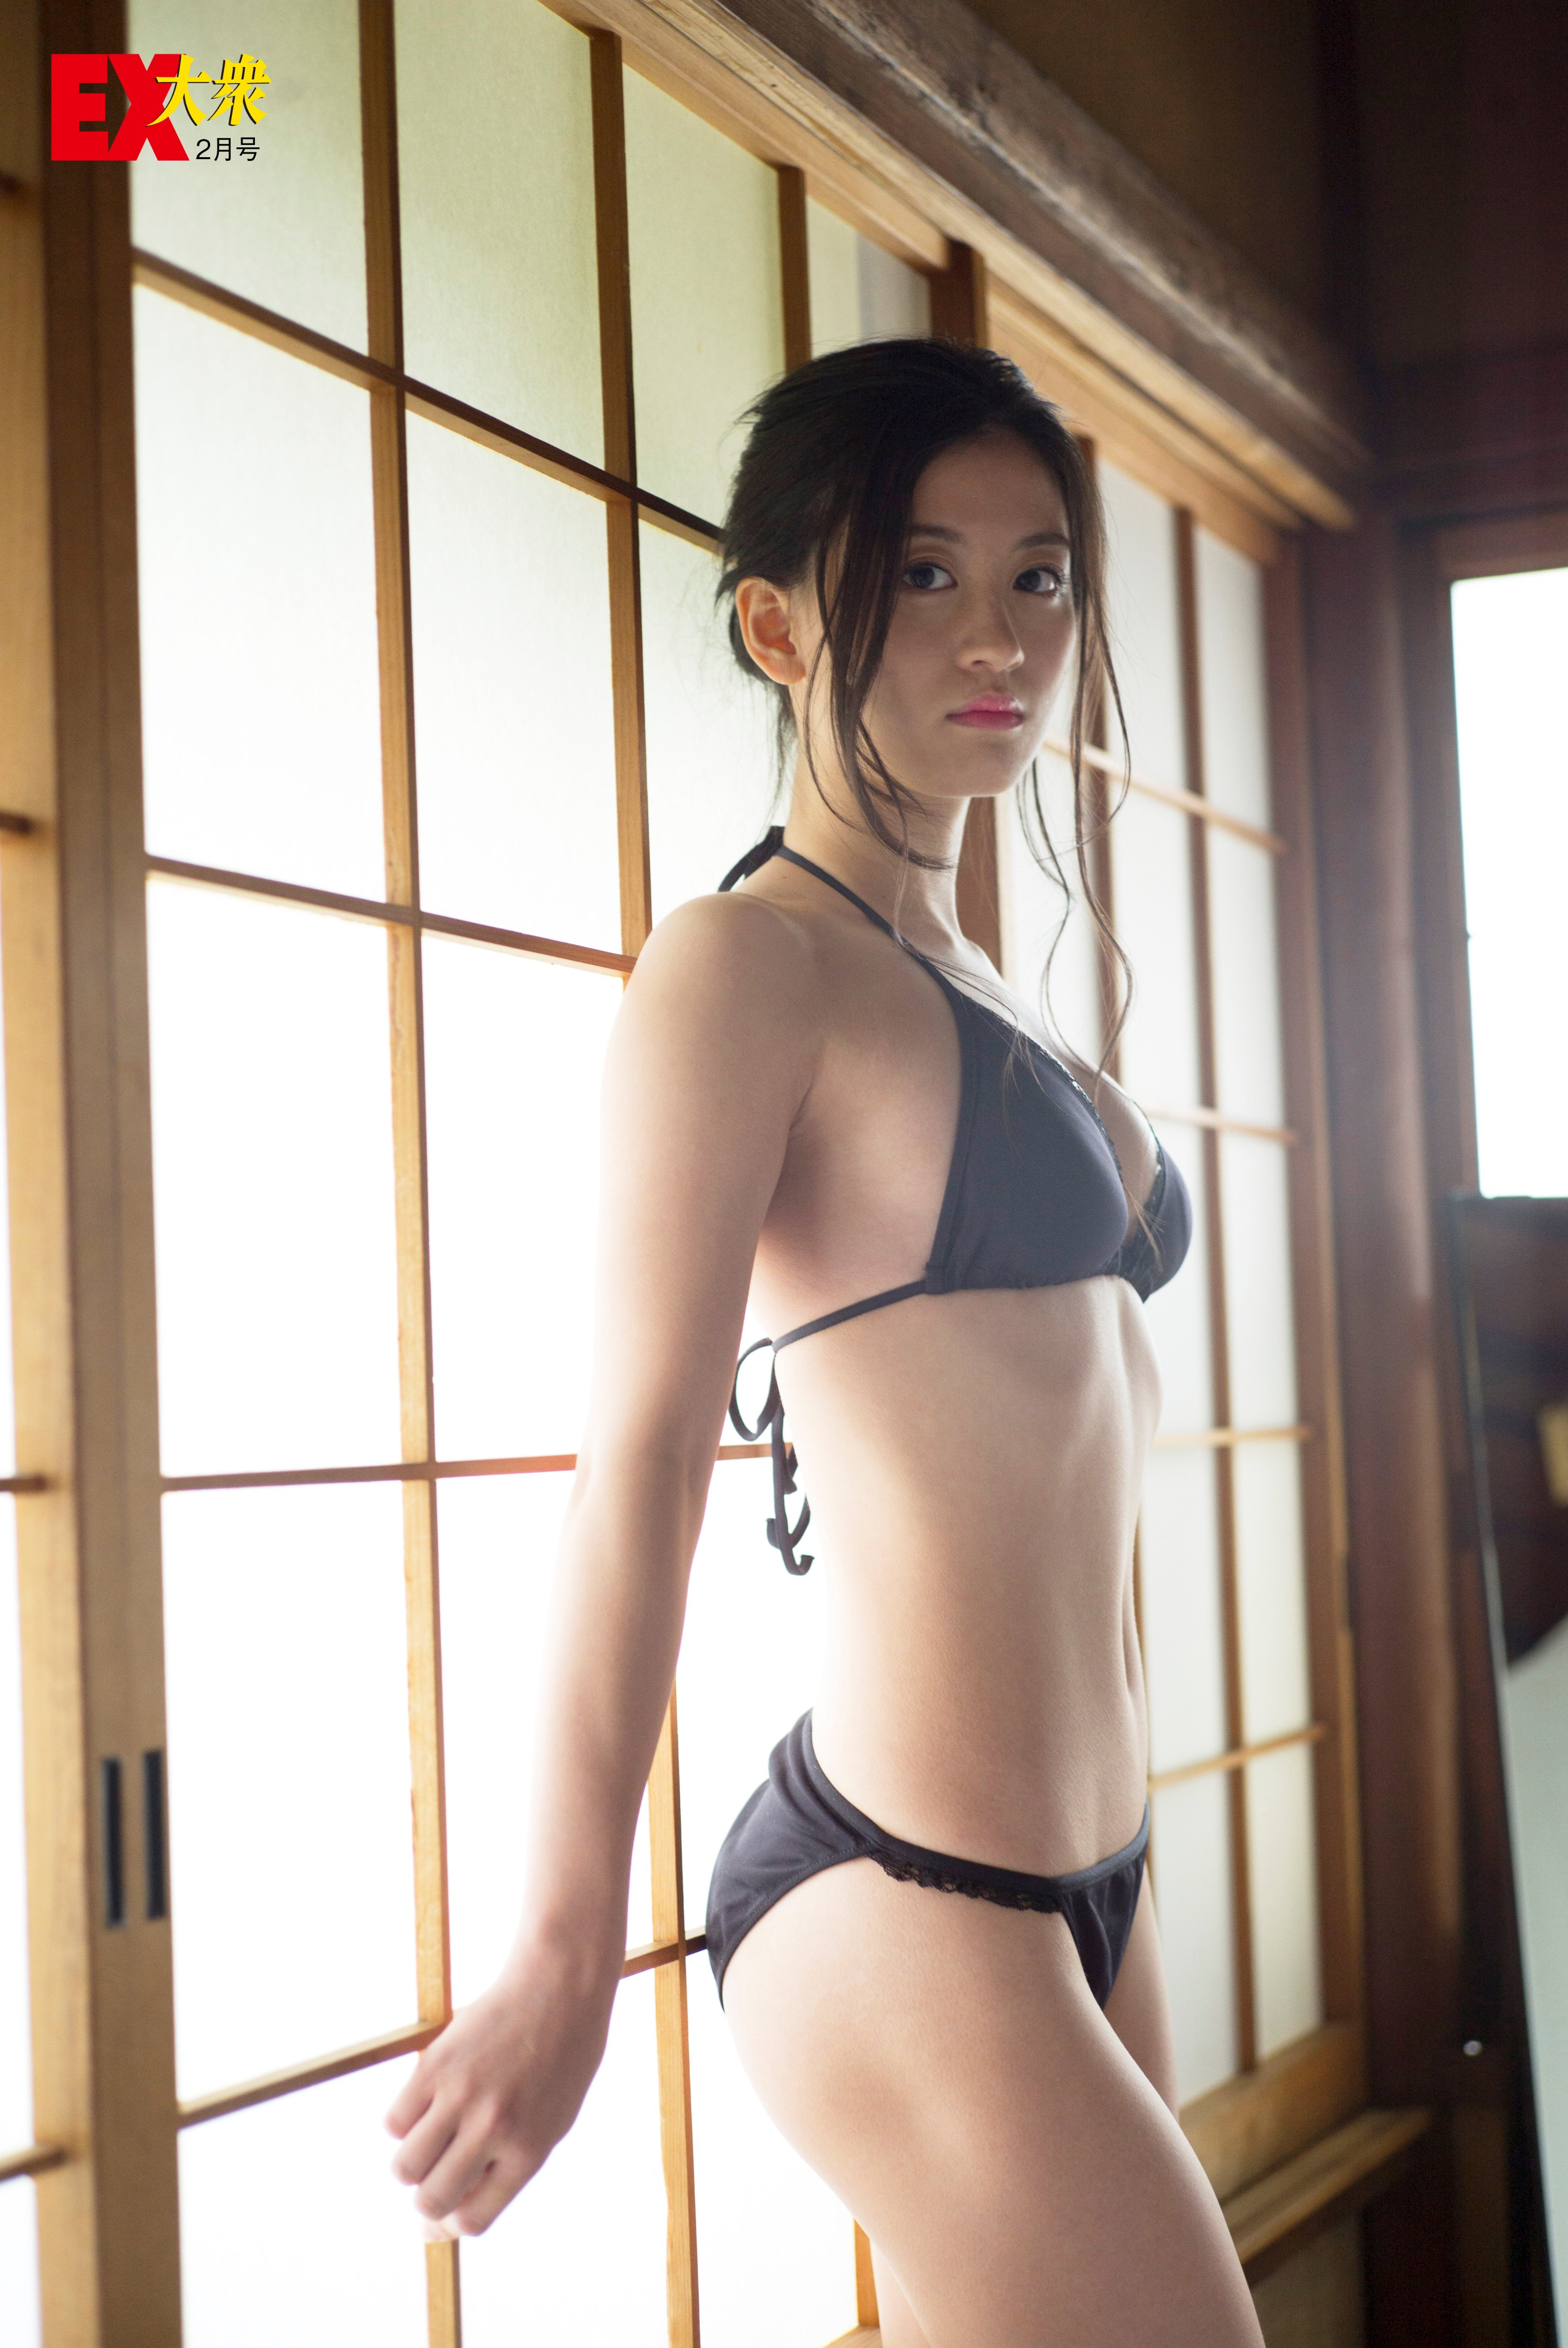 加藤恵さんのビキニ